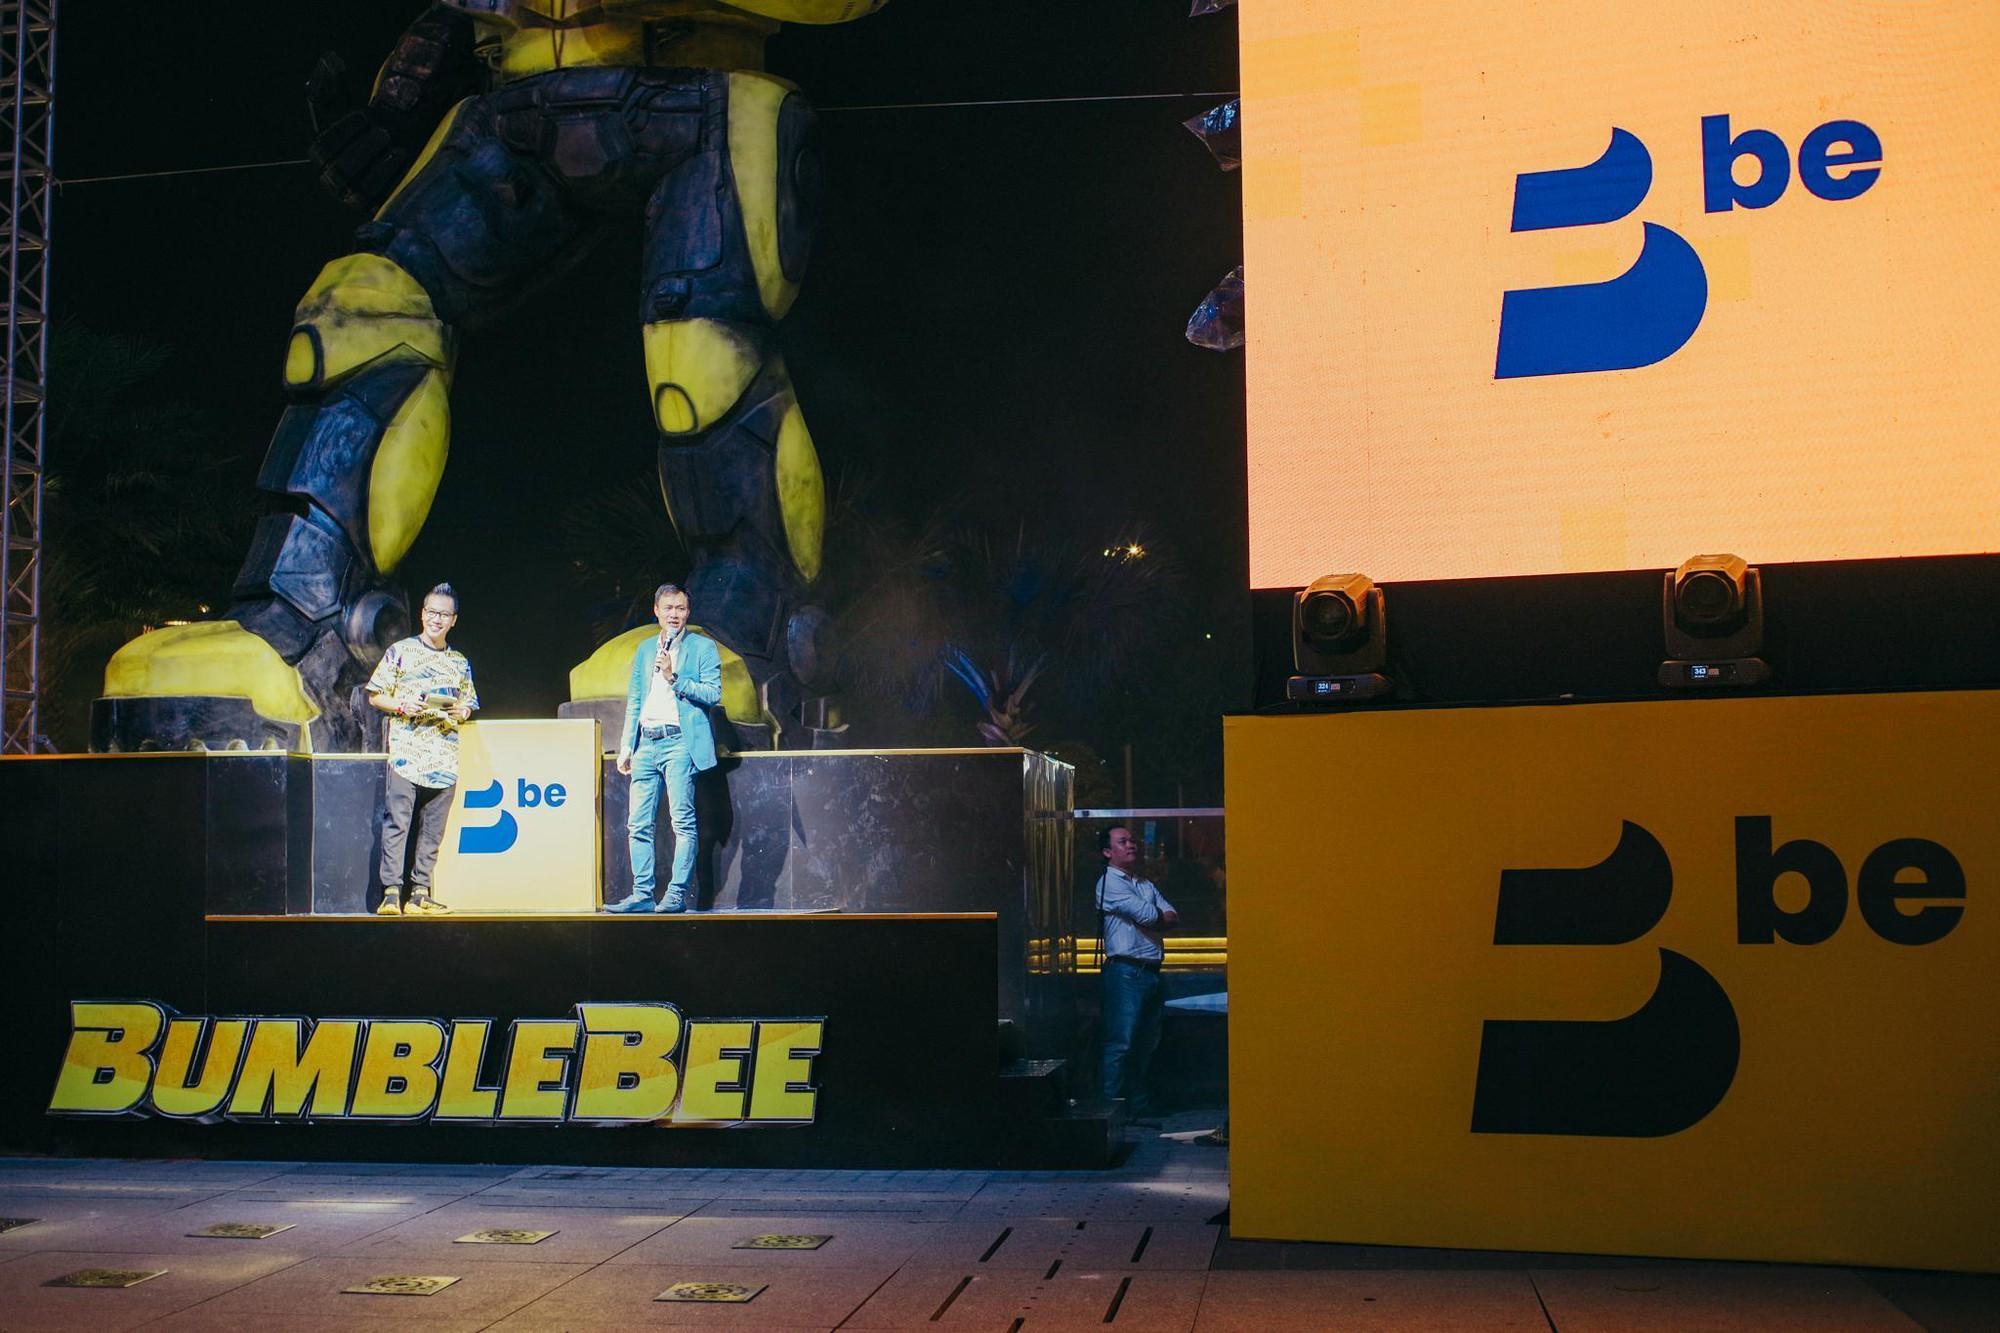 Choáng ngợp với mô hình Bumblebee lớn nhất tại Việt Nam - Ảnh 11.